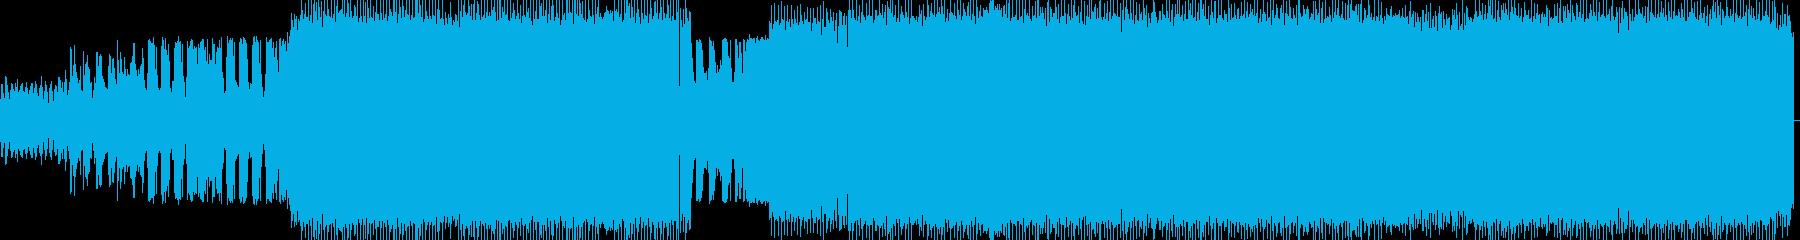 ポップな四つ打ちのテクノインストの再生済みの波形